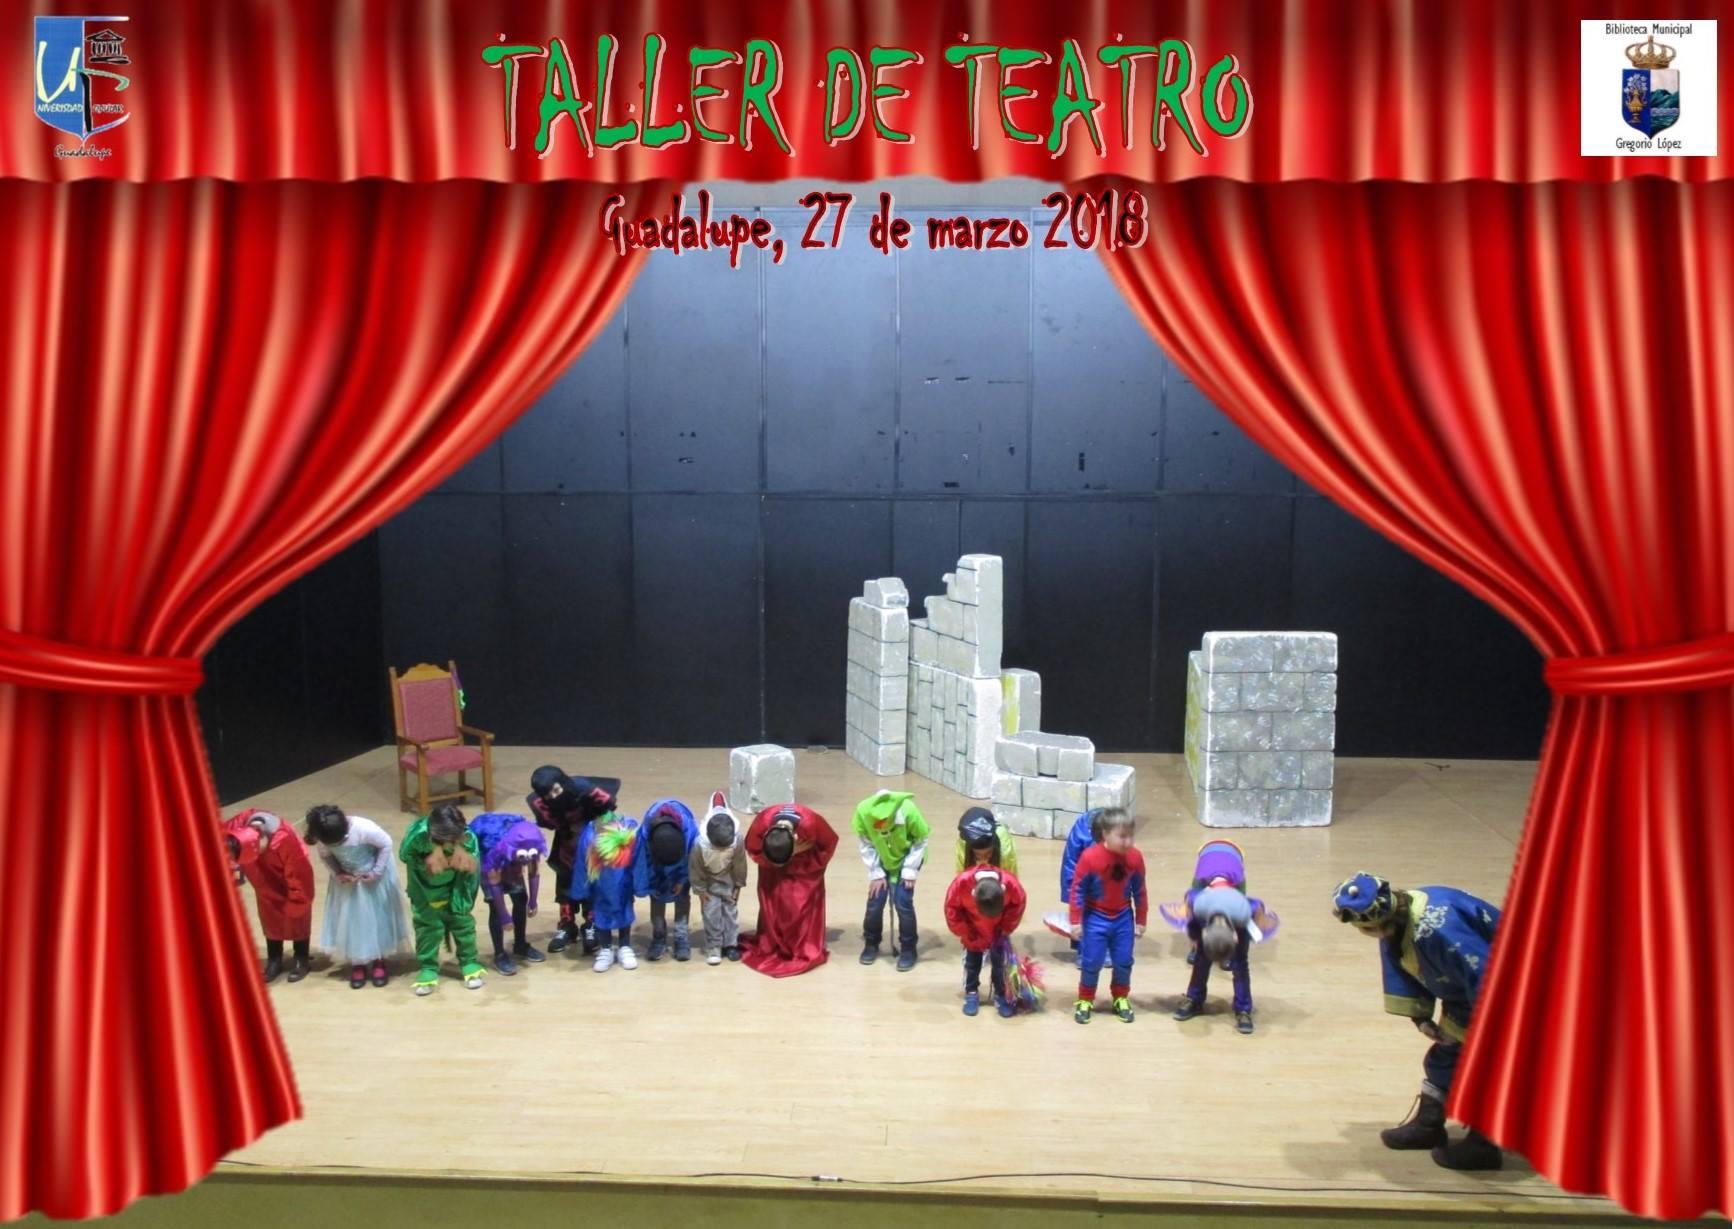 Teatro 2018 - Guadalupe